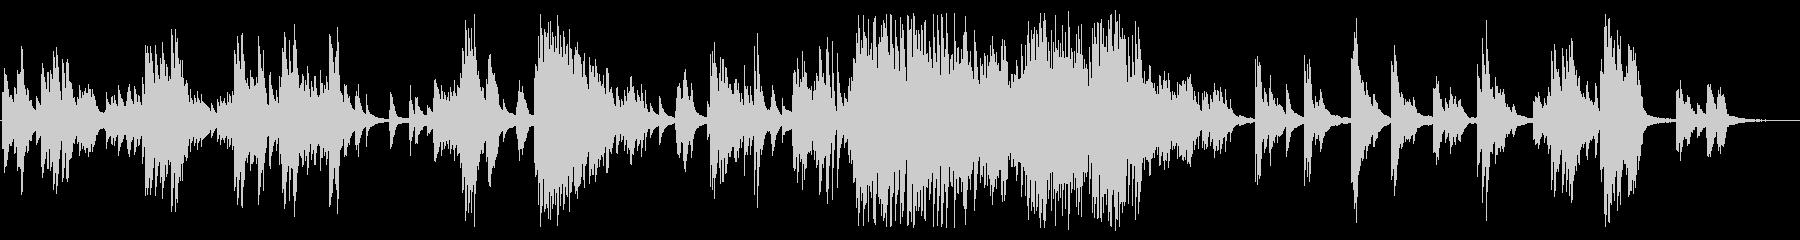 広がりを感じる落ち着いたピアノBGMの未再生の波形